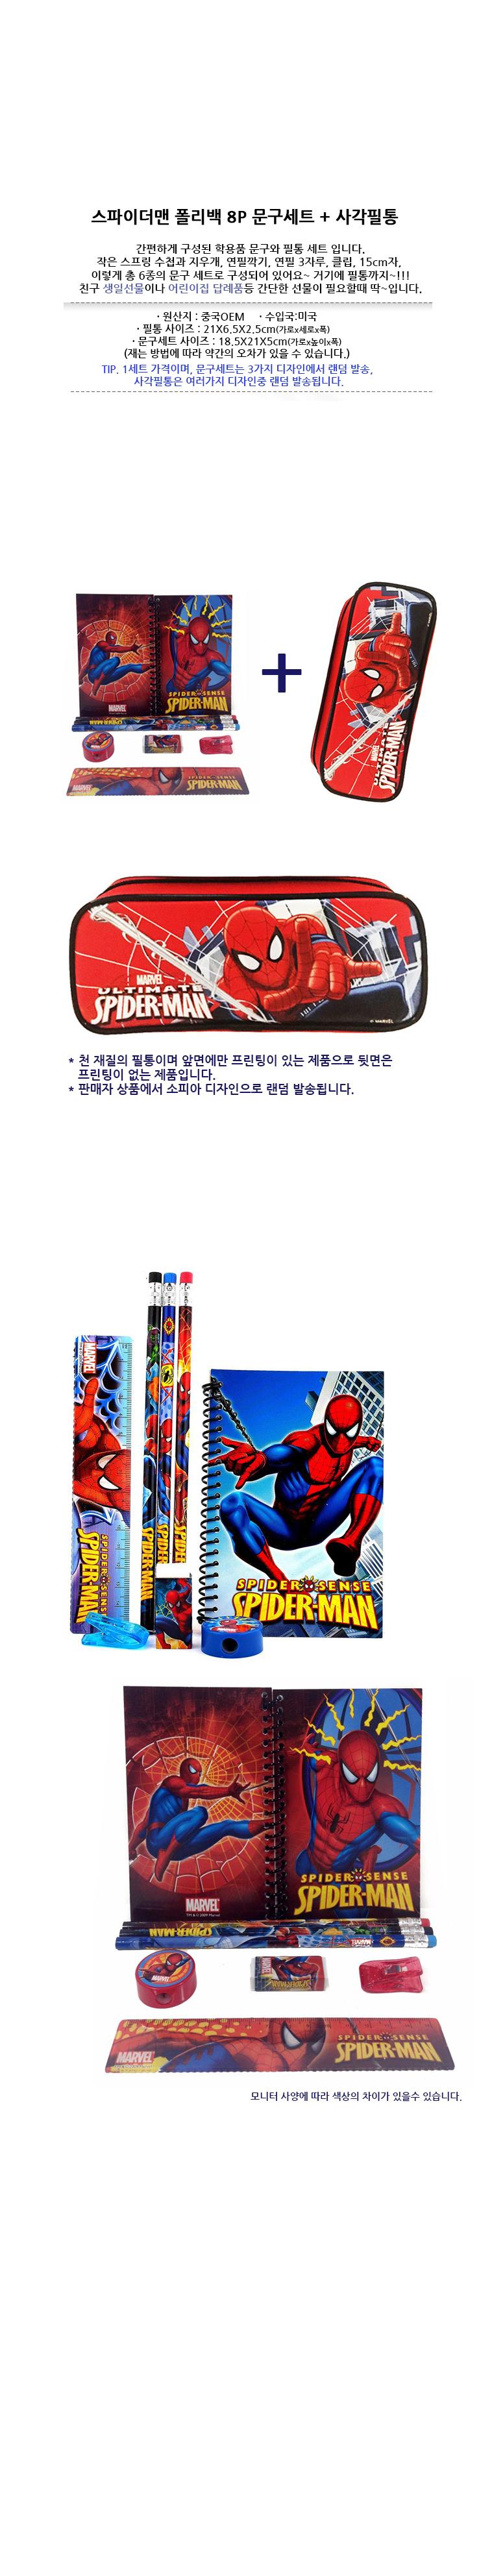 스파이더맨 폴리백 문구세트 8종+사각 필통SET (랜덤) - 오-아, 15,200원, 패브릭필통, 캐릭터